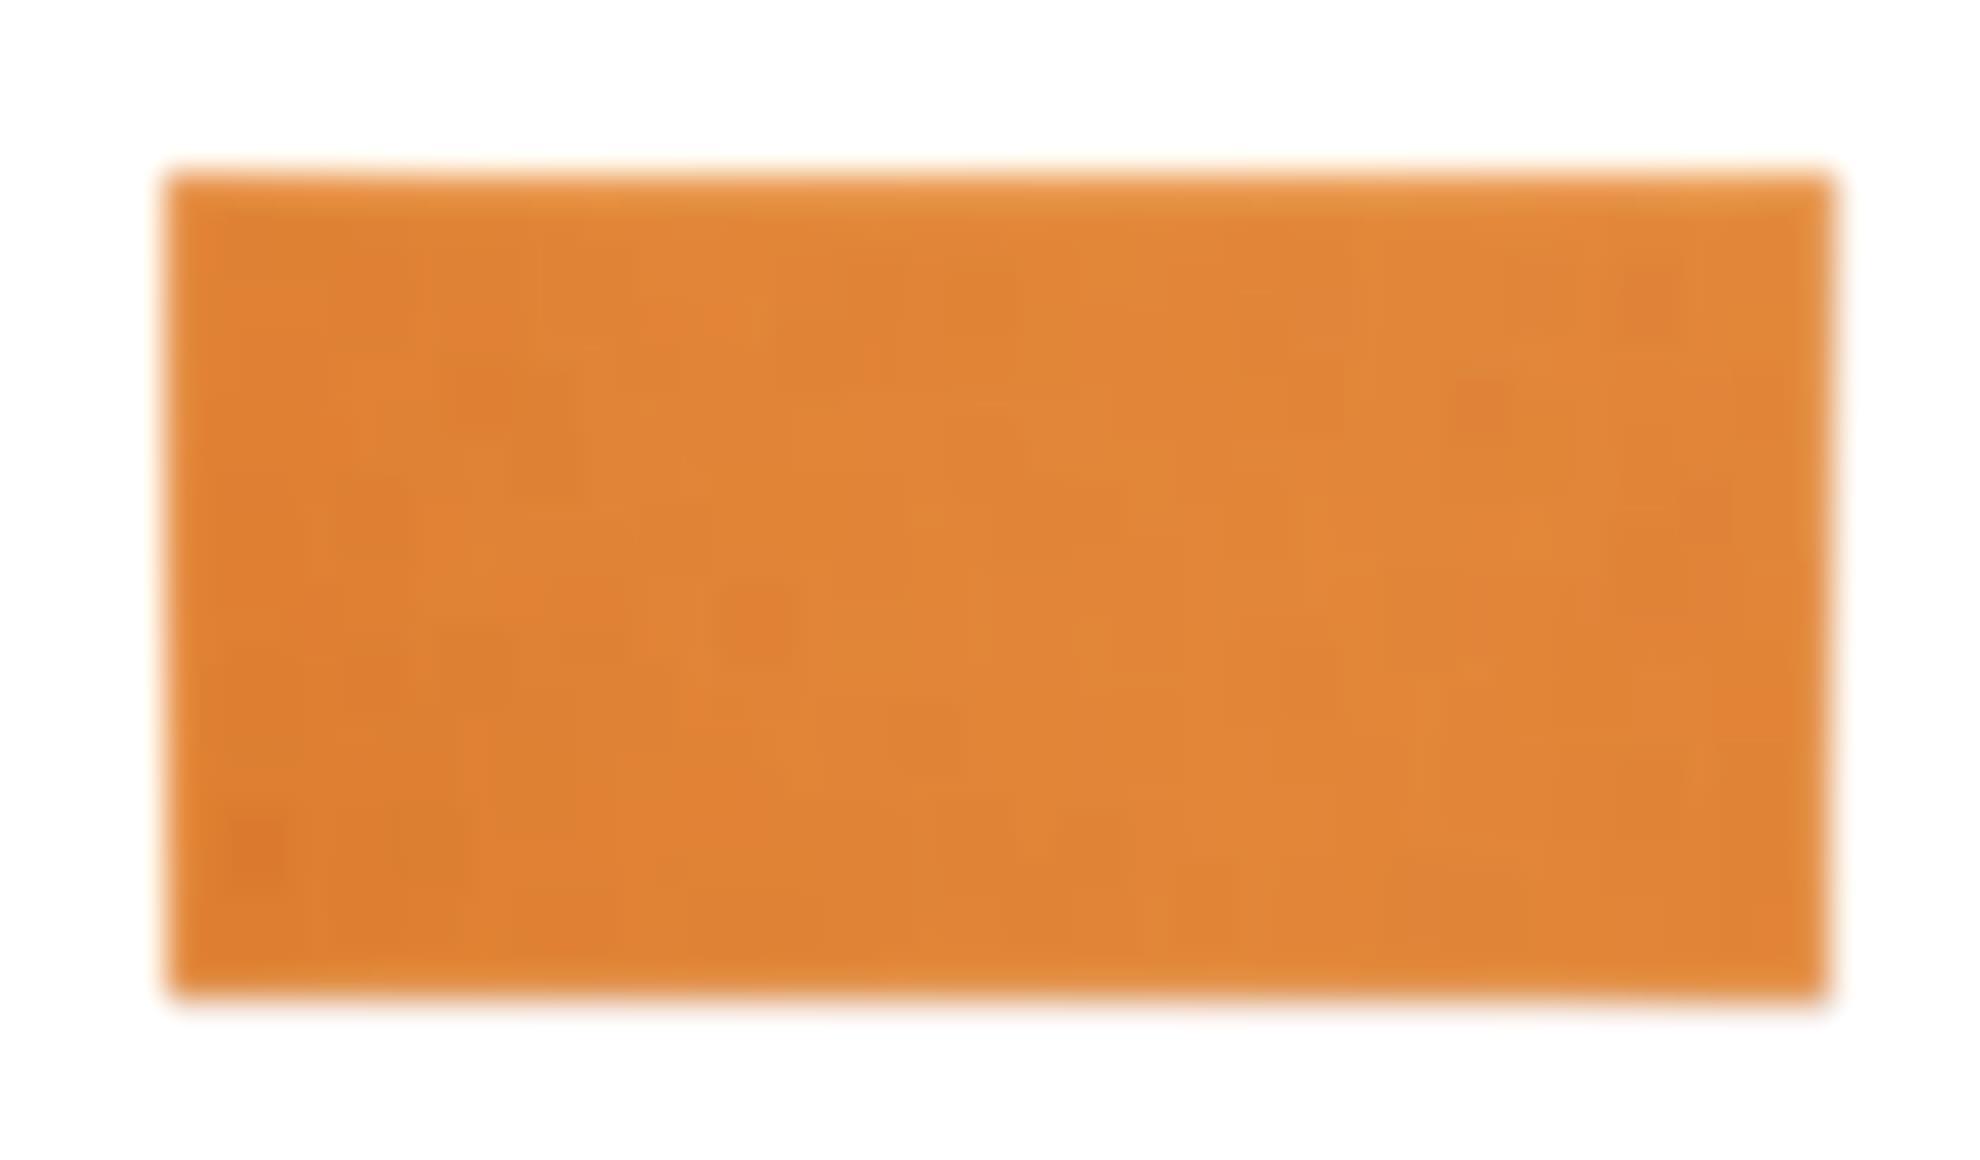 Almir Mavignier-Durchdringung Orange Auf Orange (Interpenetracao Laranja Em Laranja)-1974